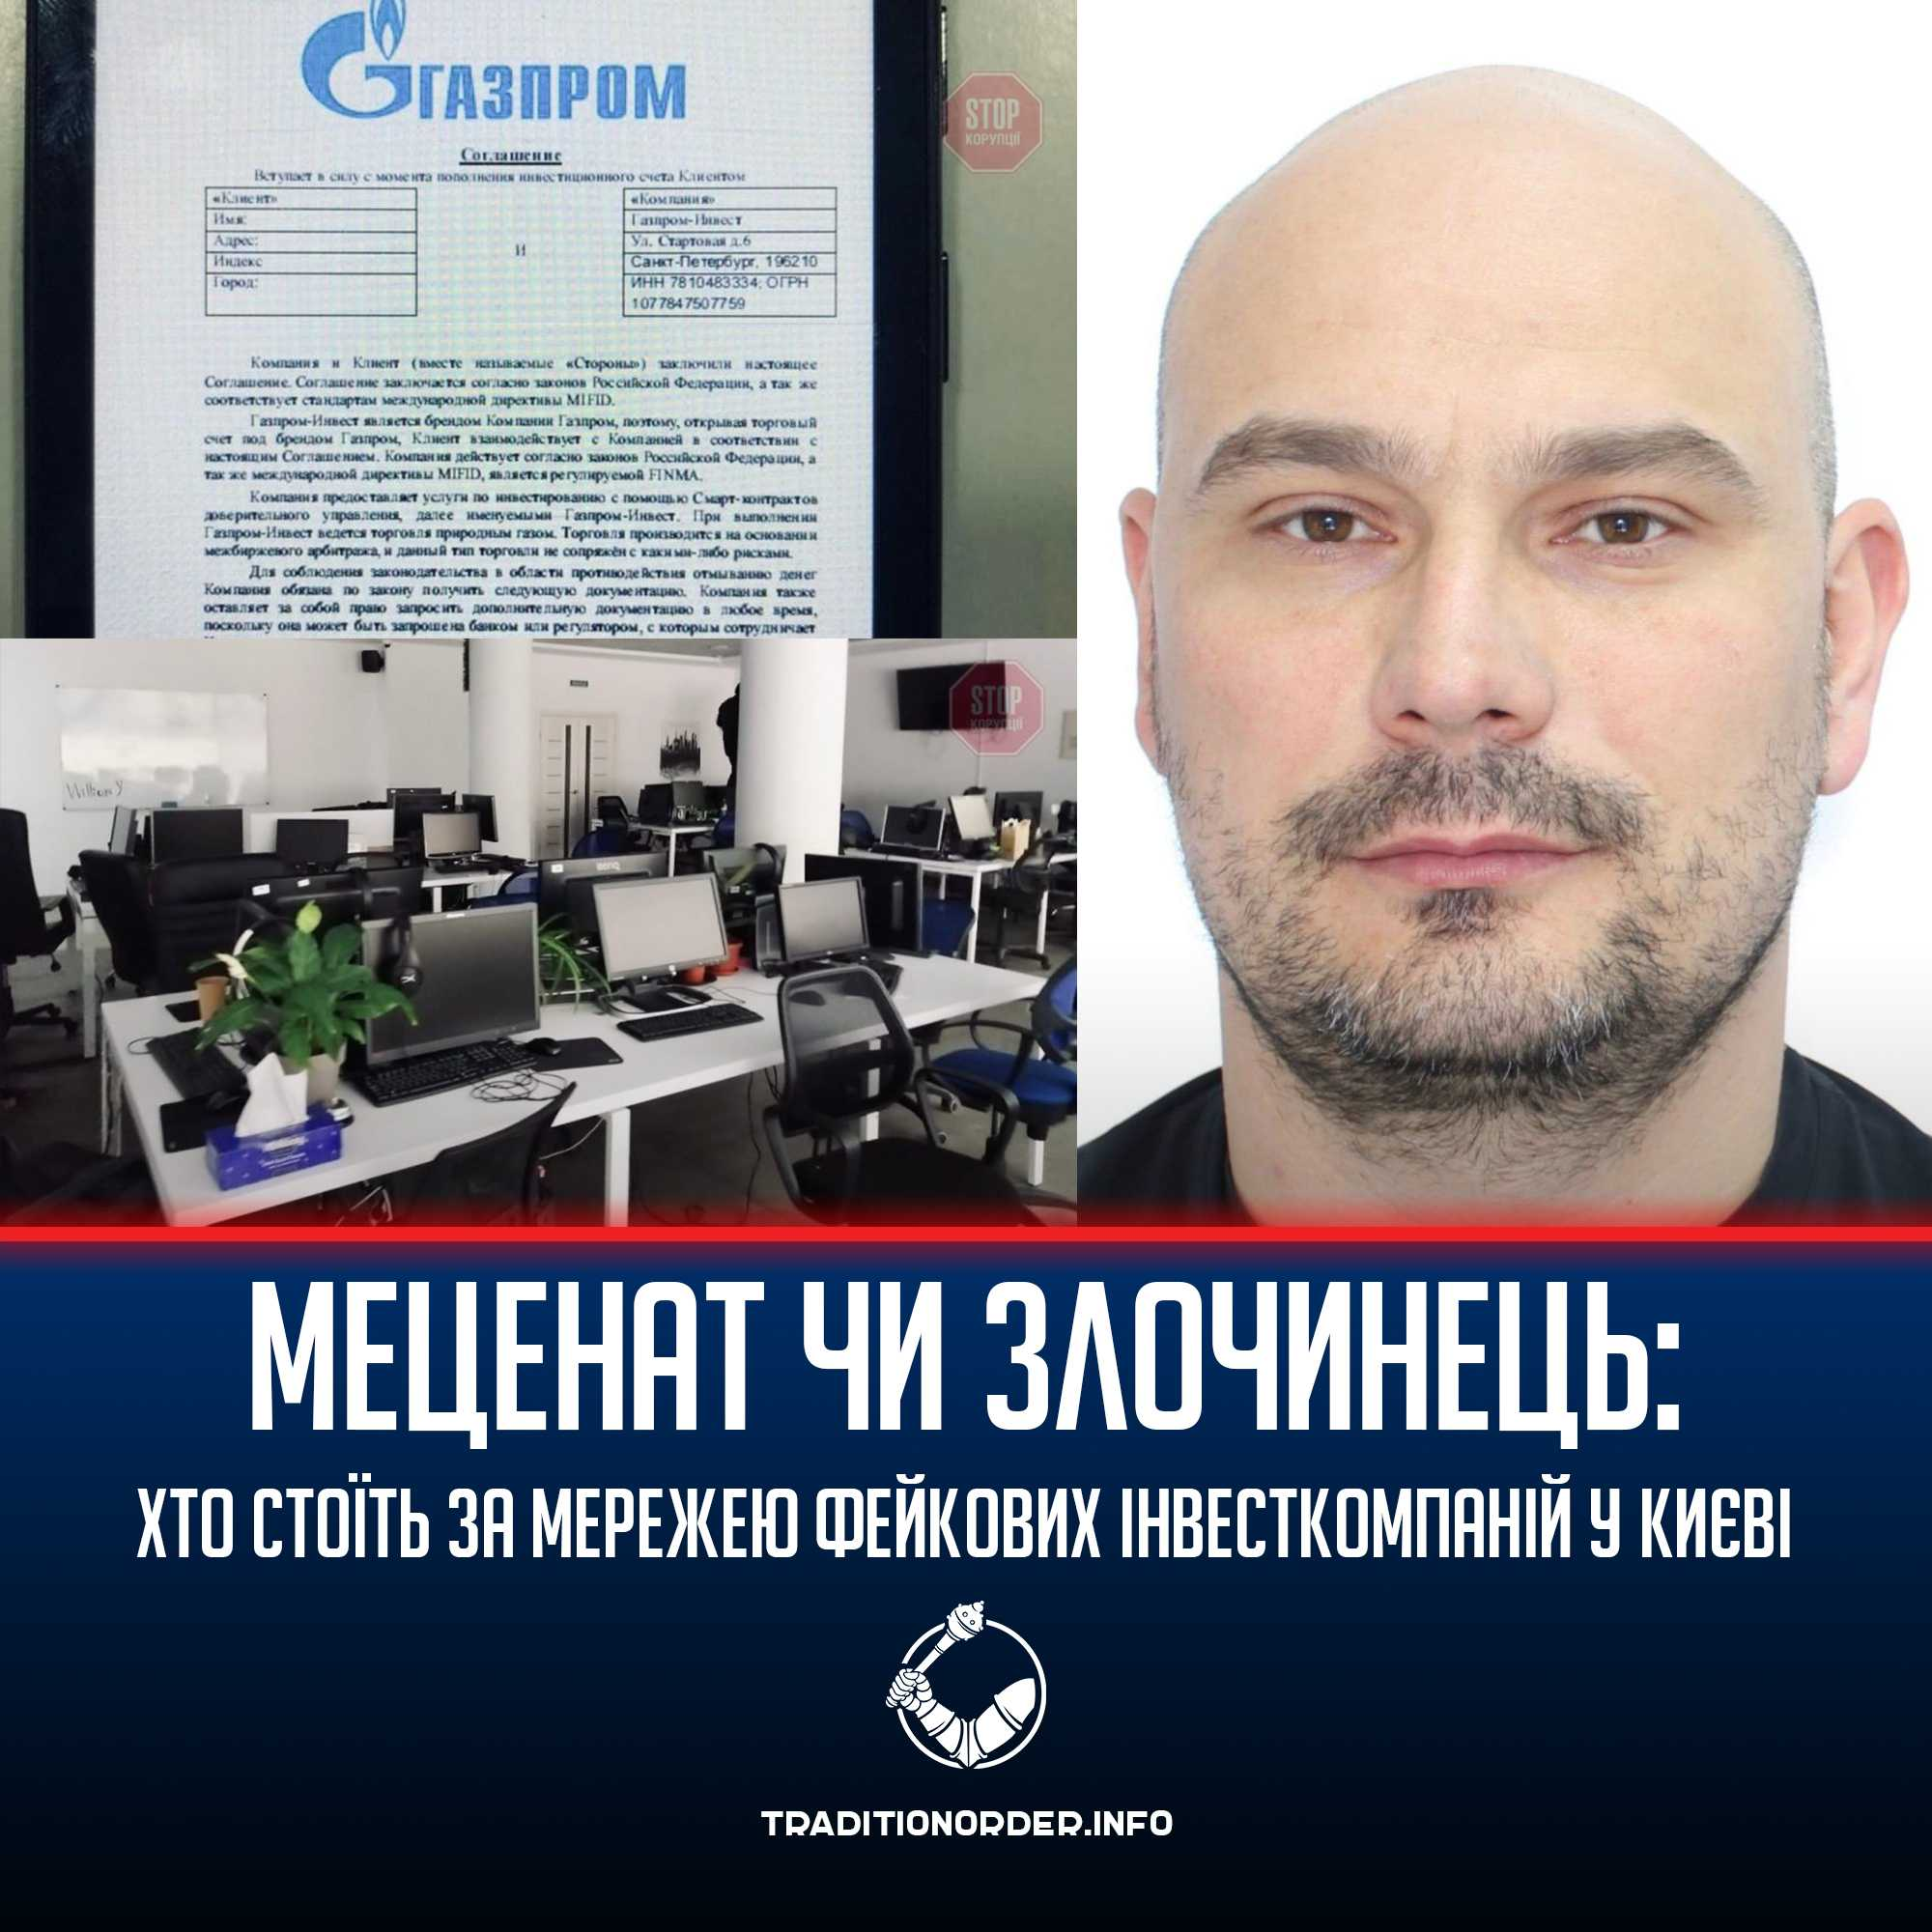 Владимир Бова — меценат или преступник: кто стоит за сетью фейковых инвесткомпаний в Киеве